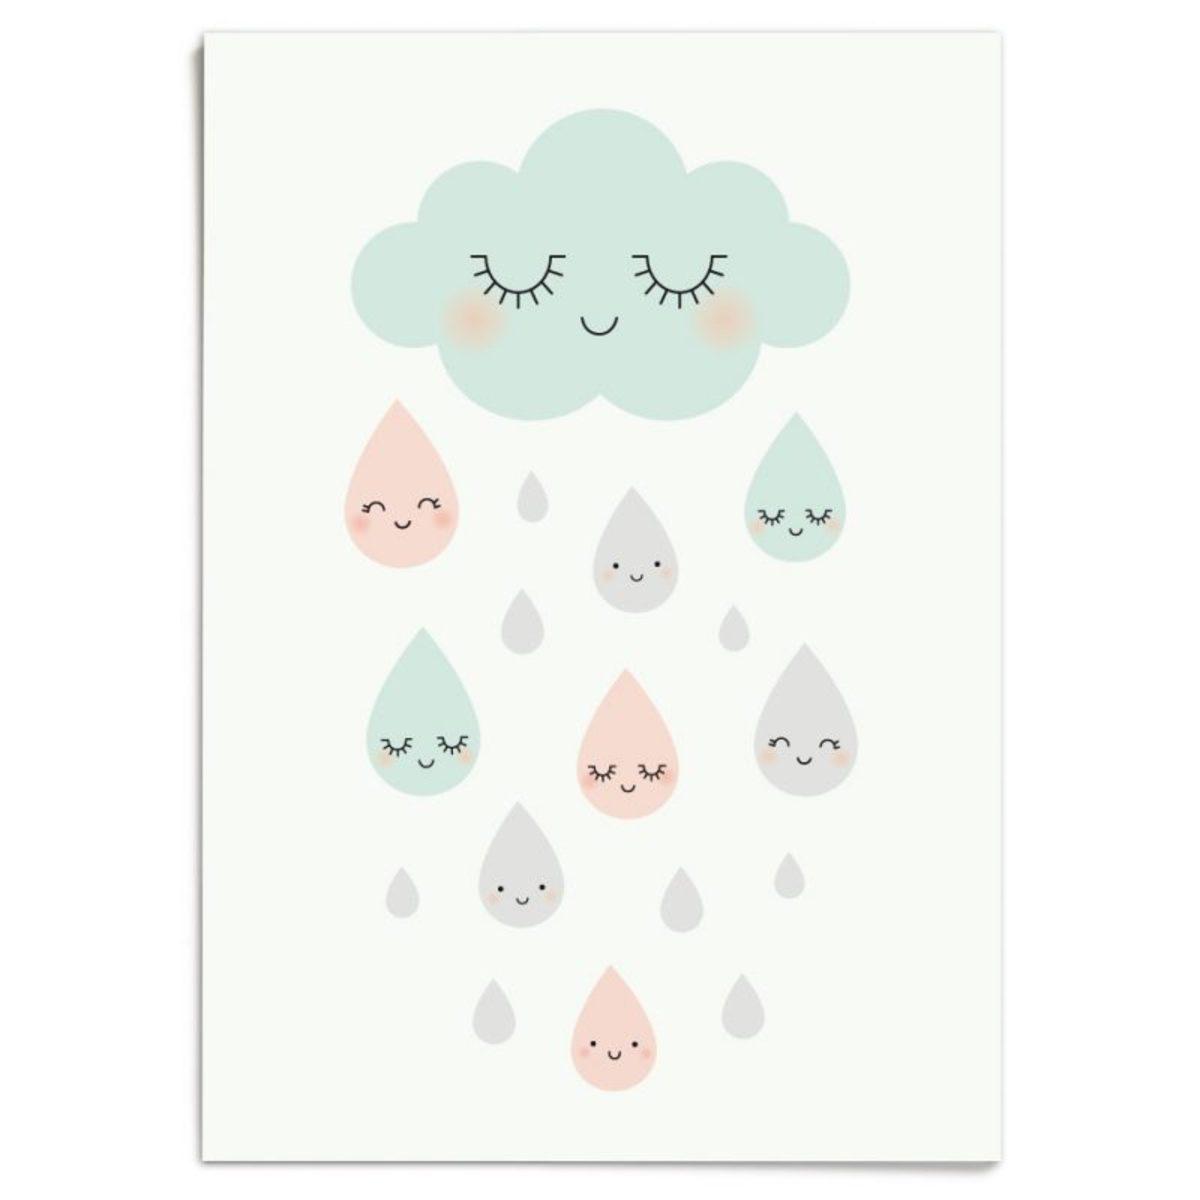 Affiche & poster Affiche Douce Pluie Affiche Douce Pluie